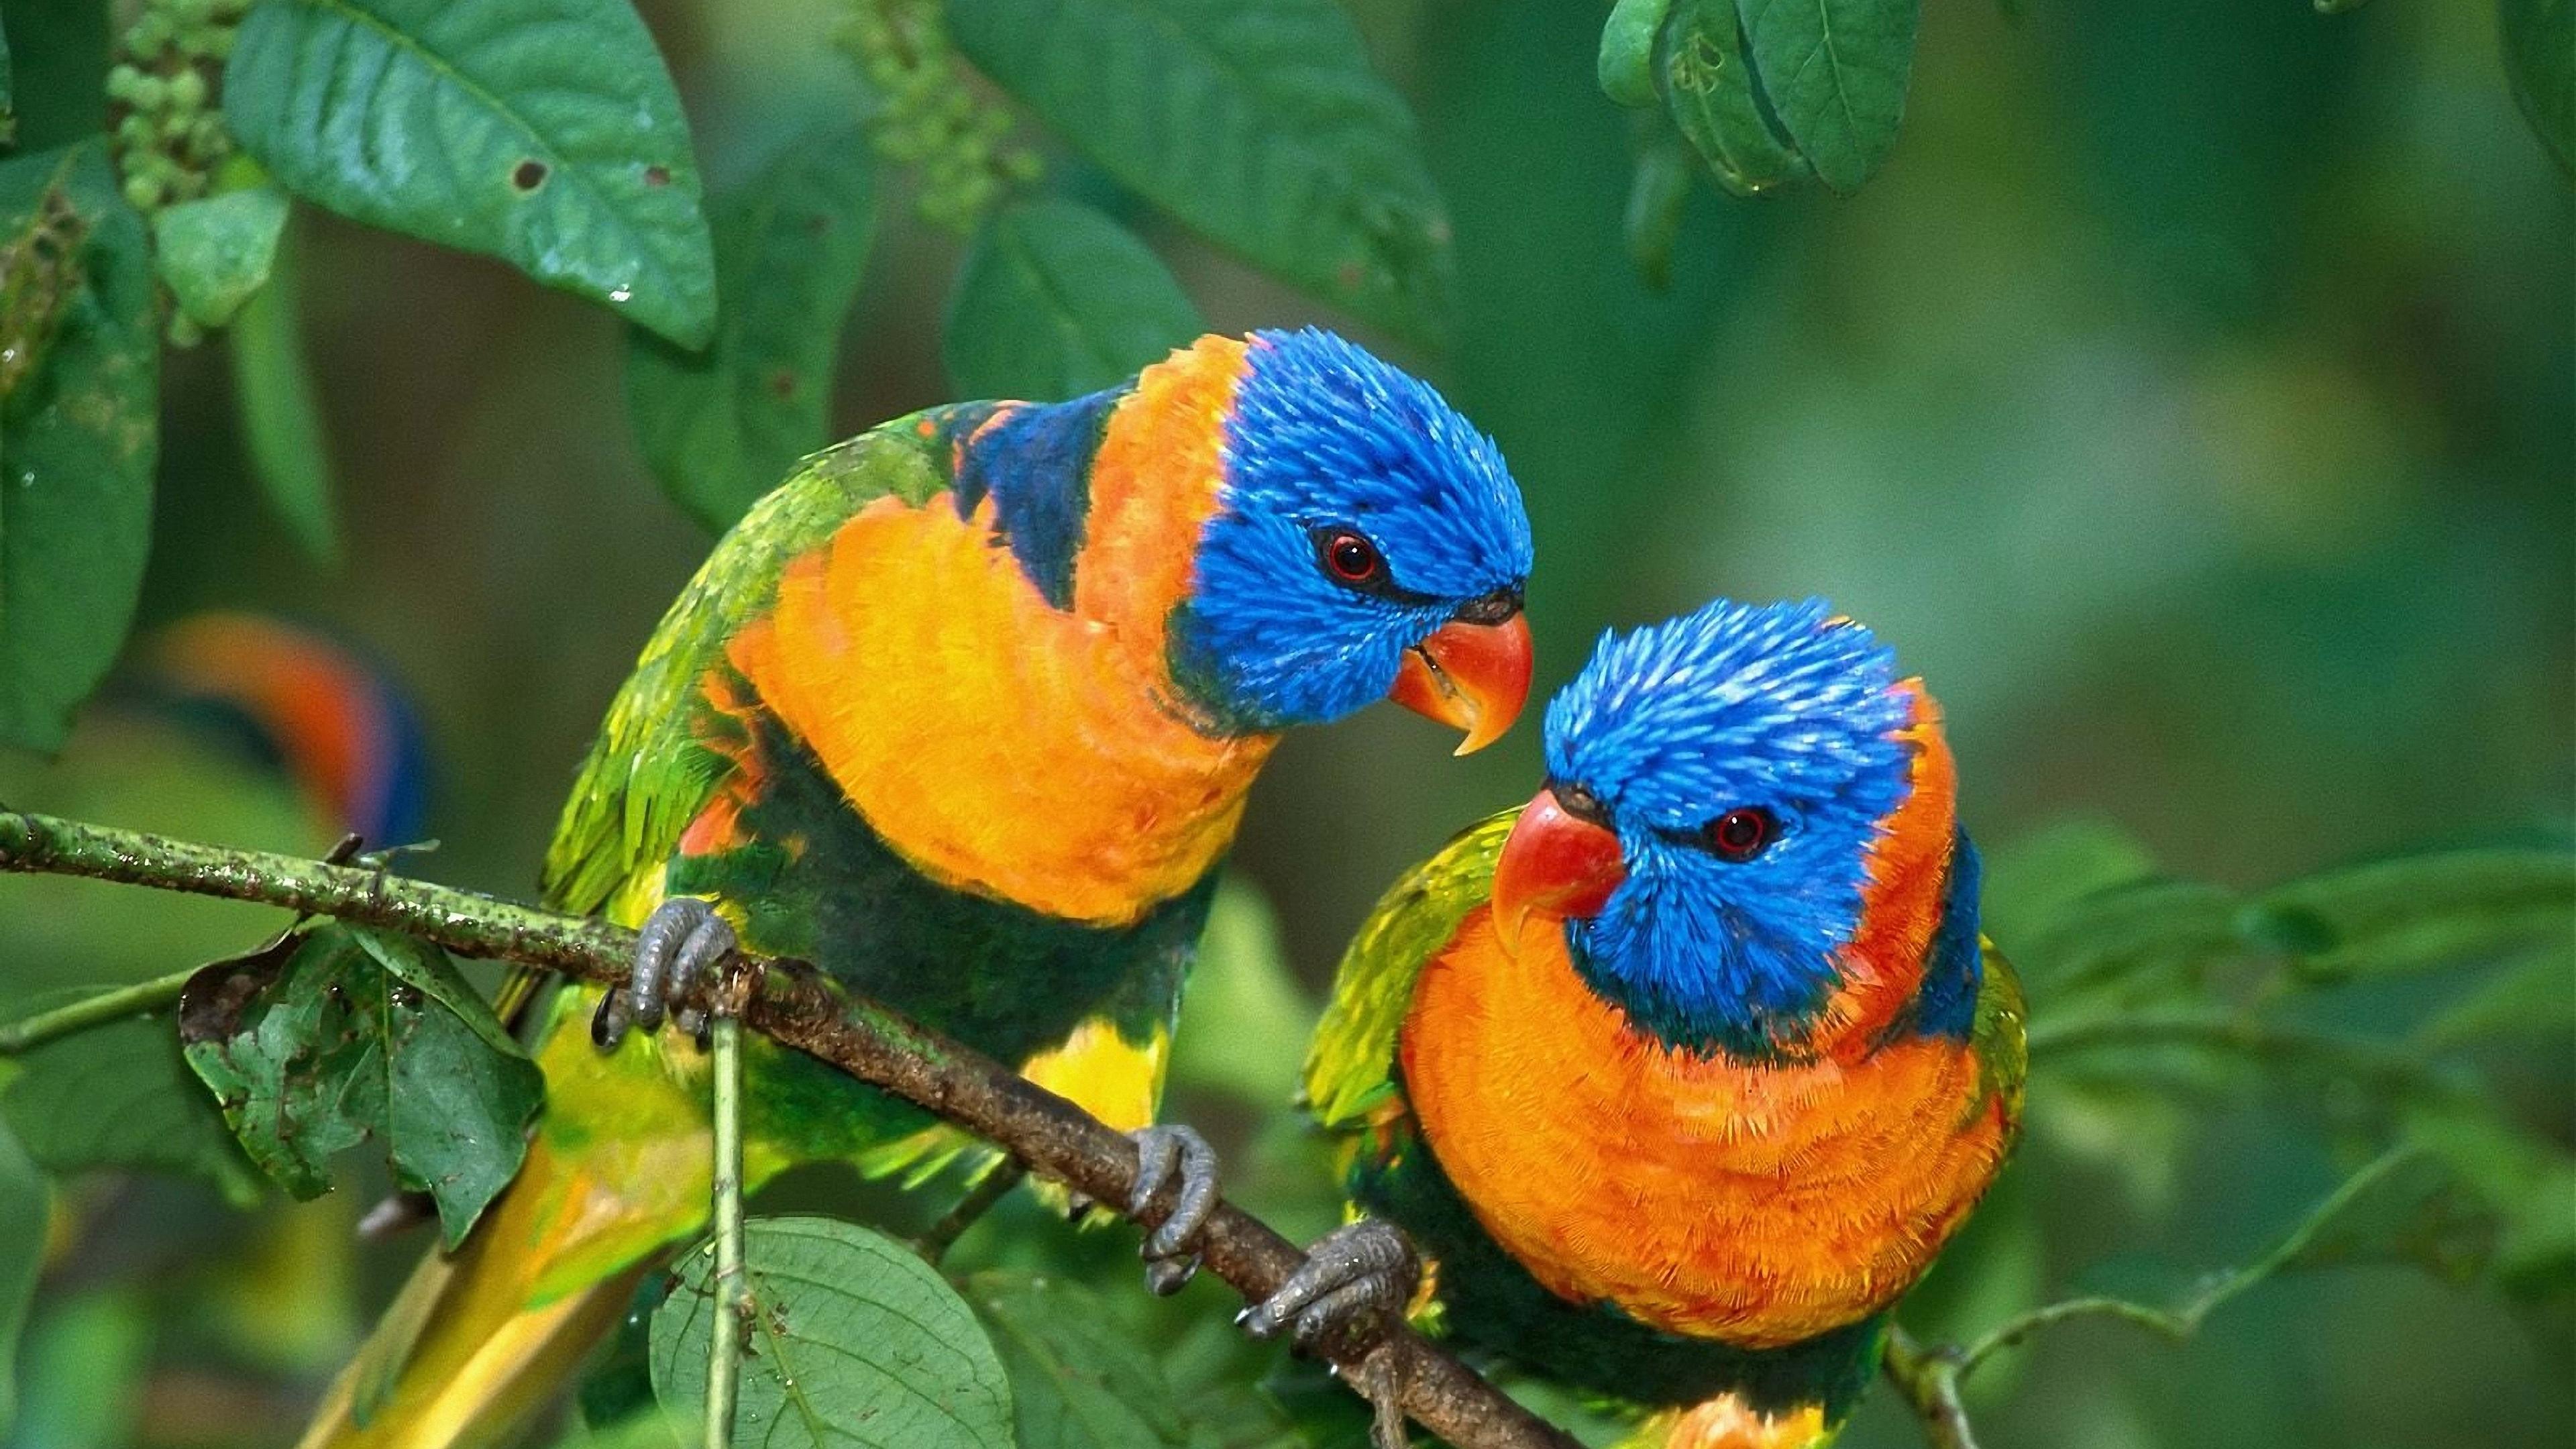 parrot love branch 4k 1542242815 - parrot, love, branch 4k - Parrot, Love, branch